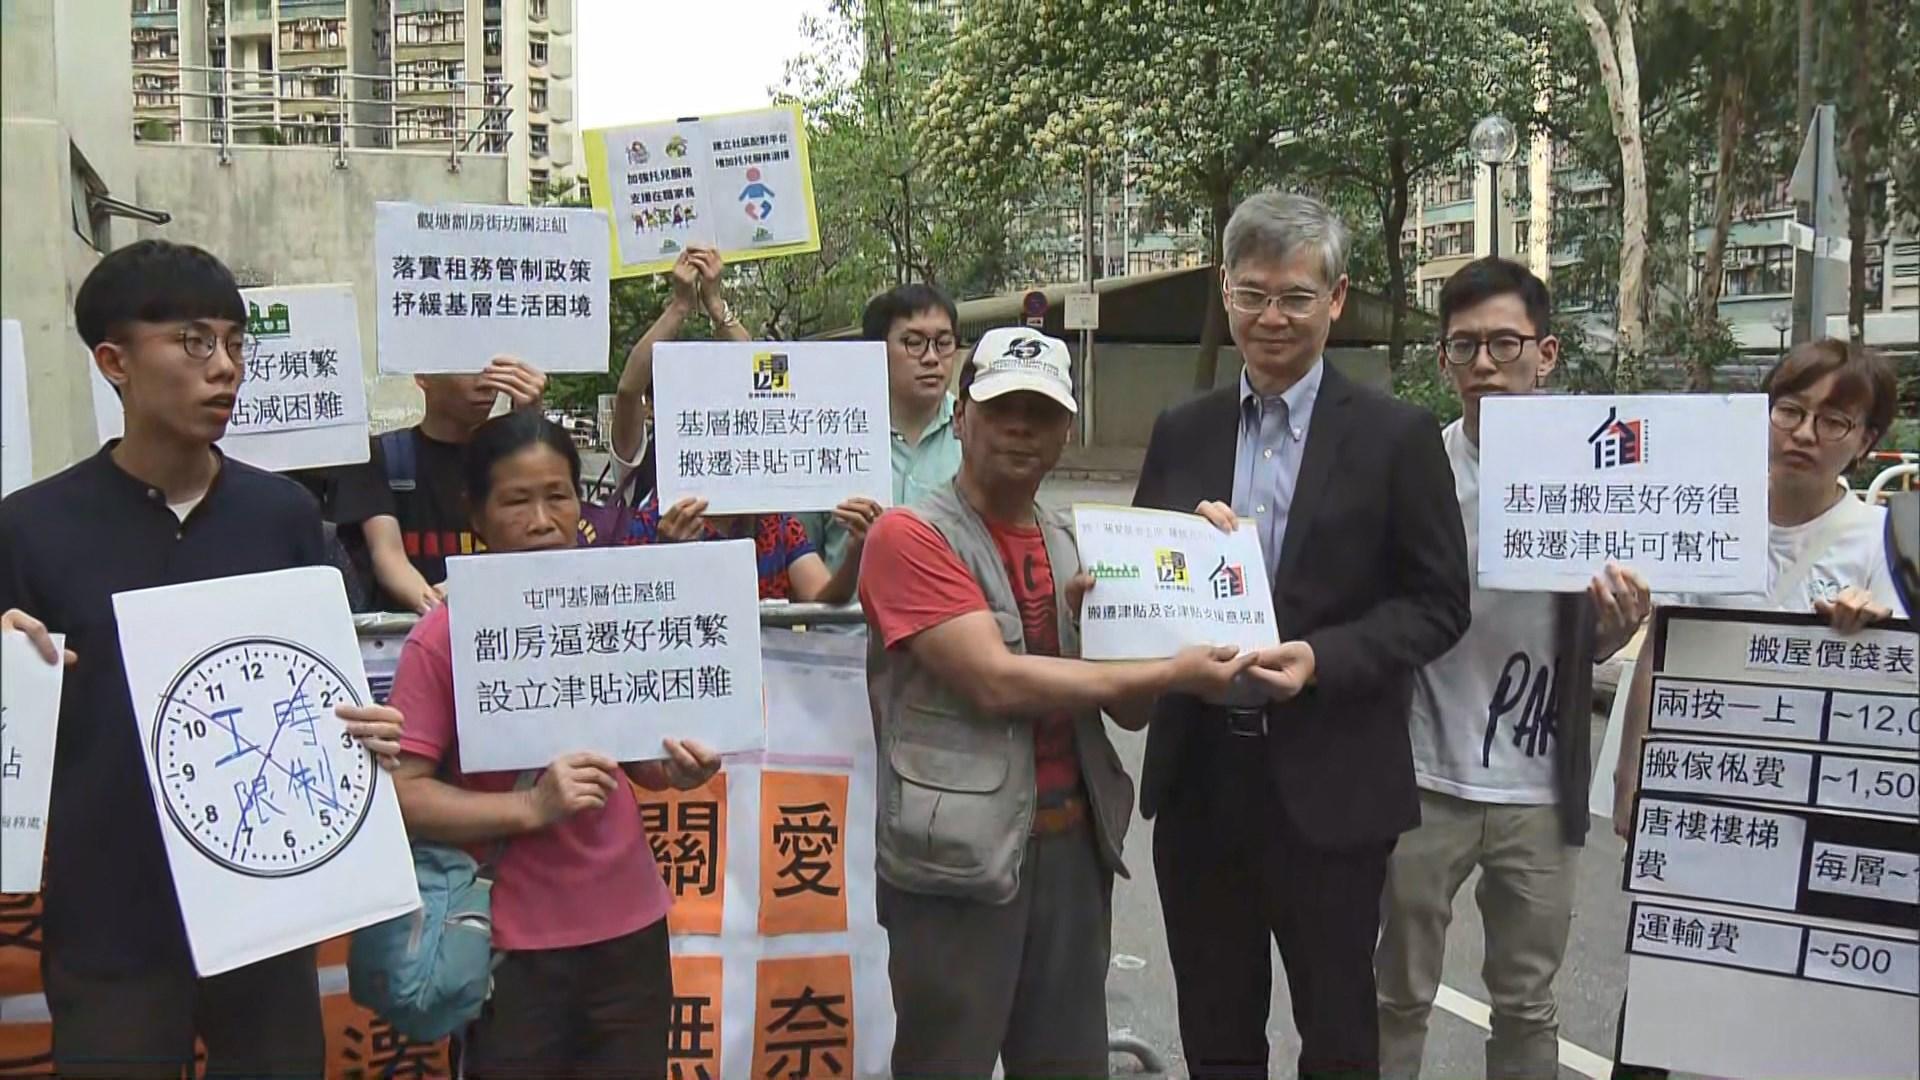 團體趁關愛基金諮詢會示威